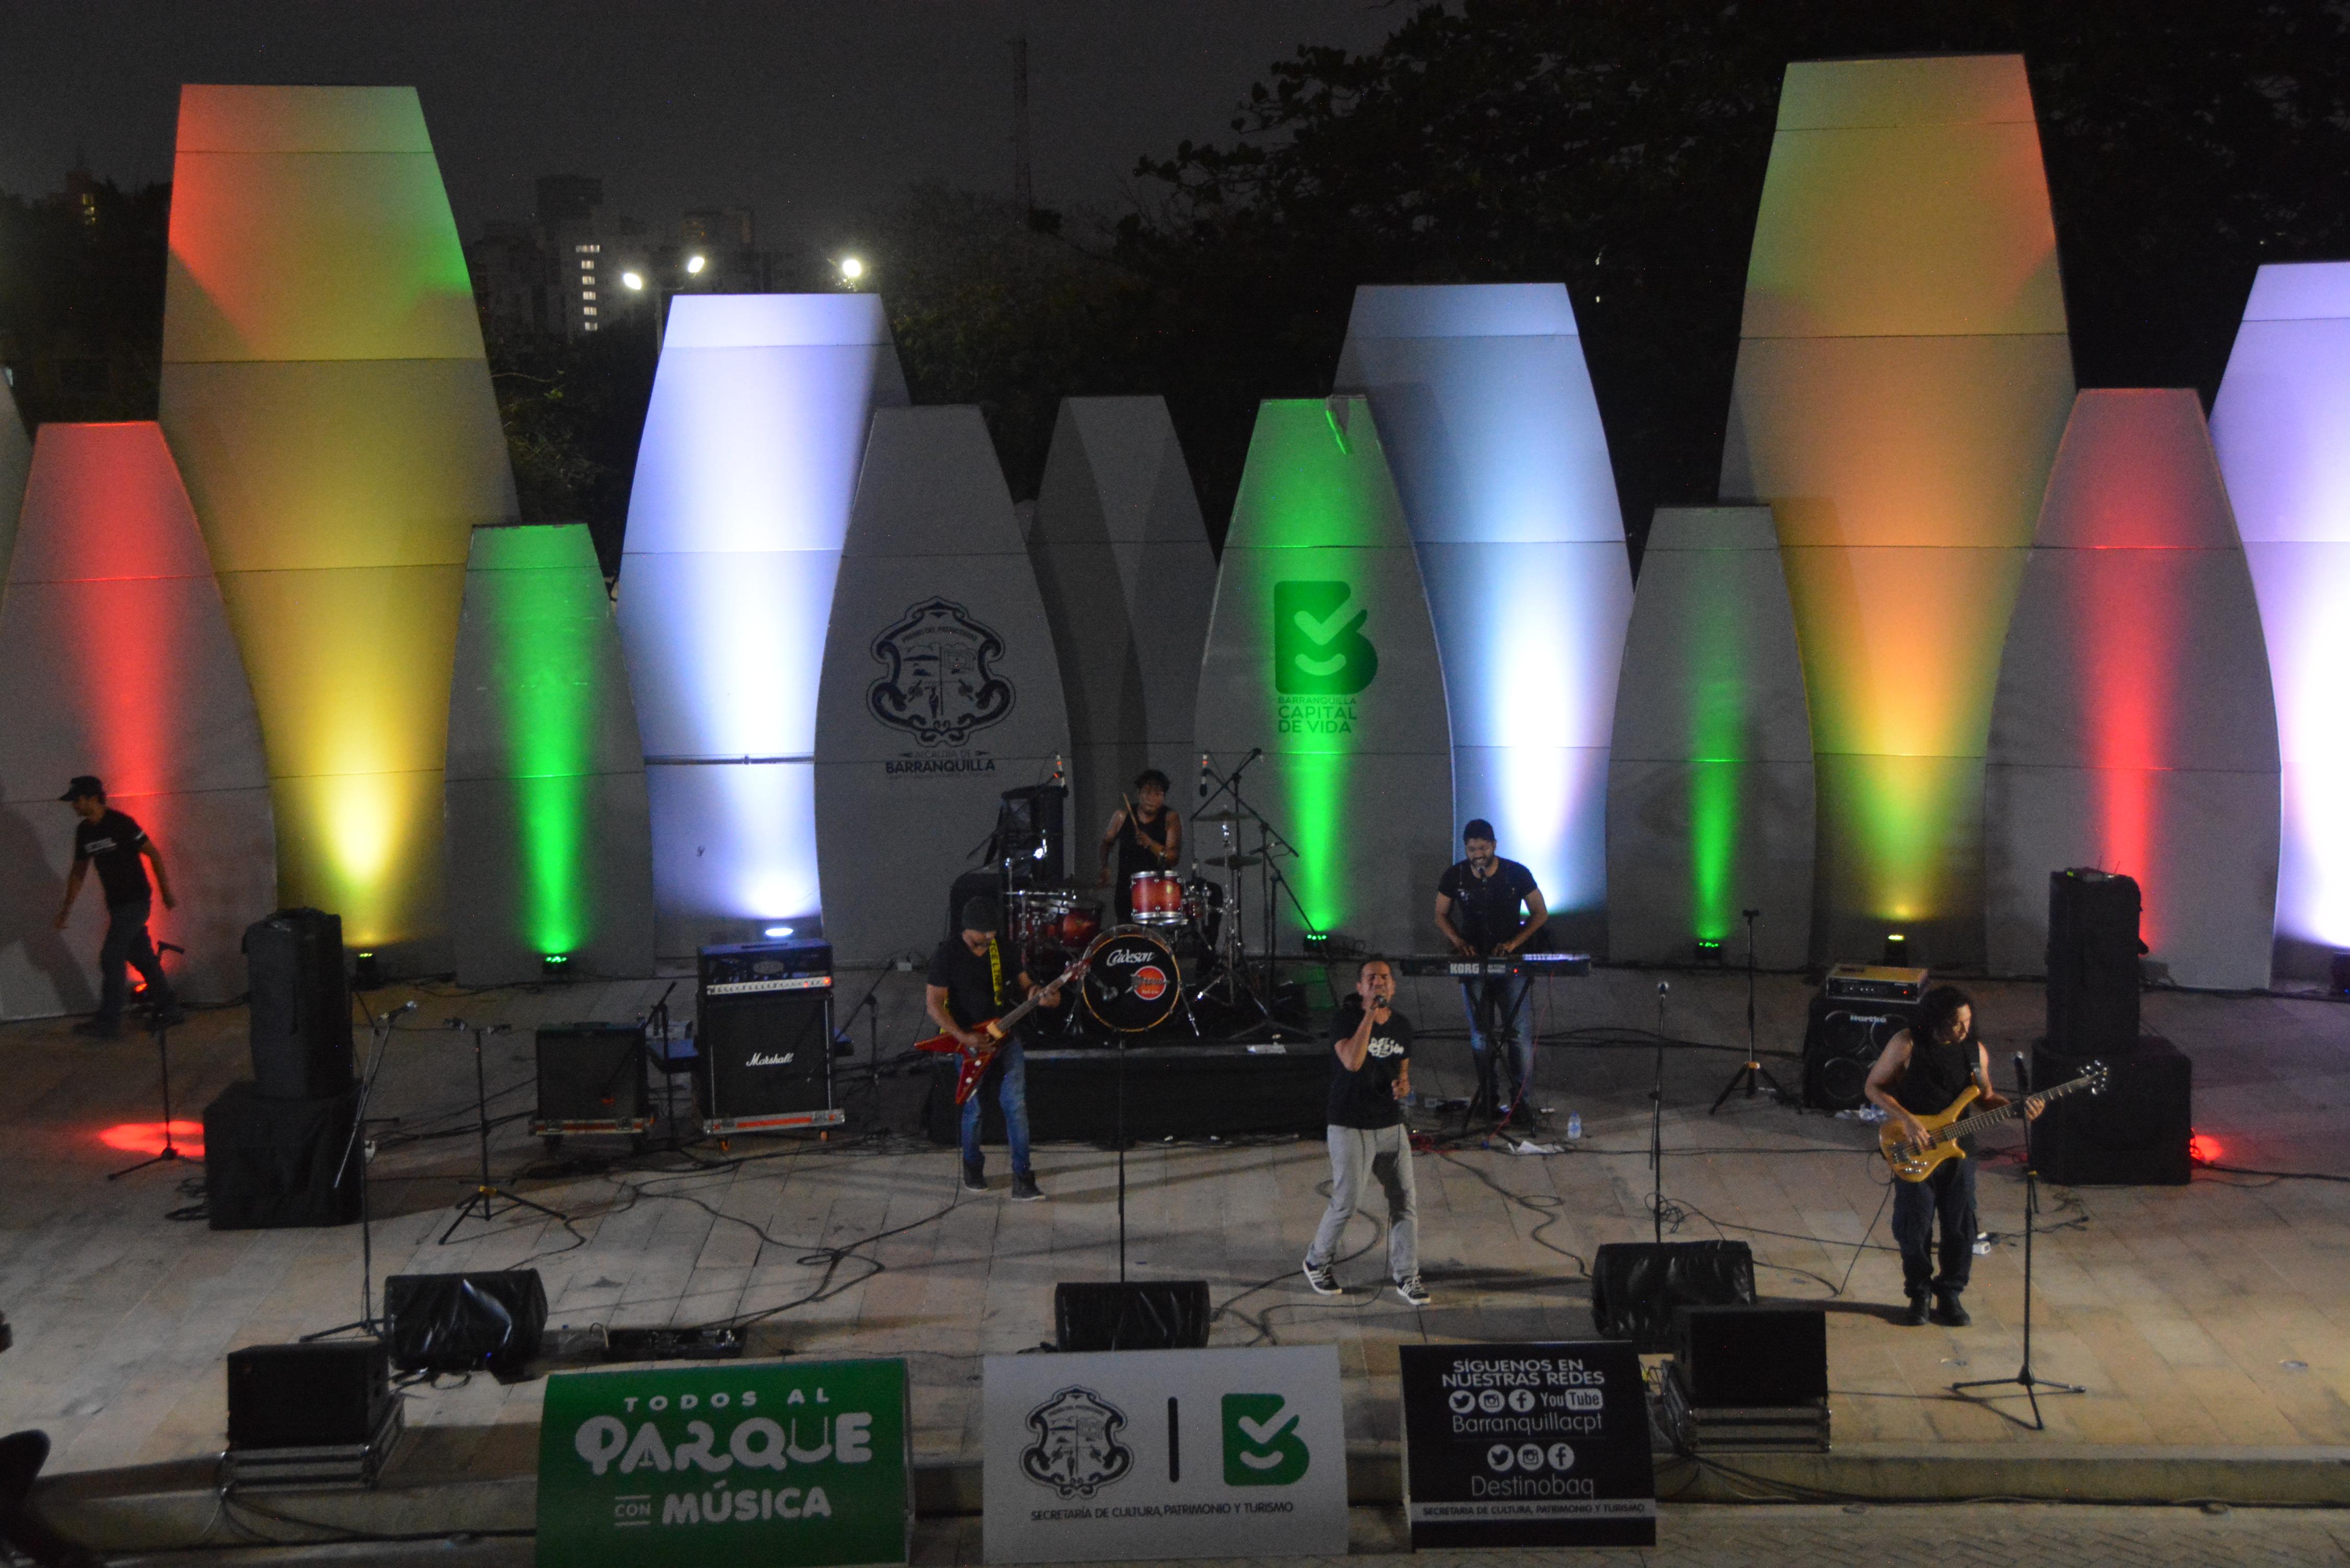 Viernes de Rock en la concha acústica del parque Sagrado Corazón